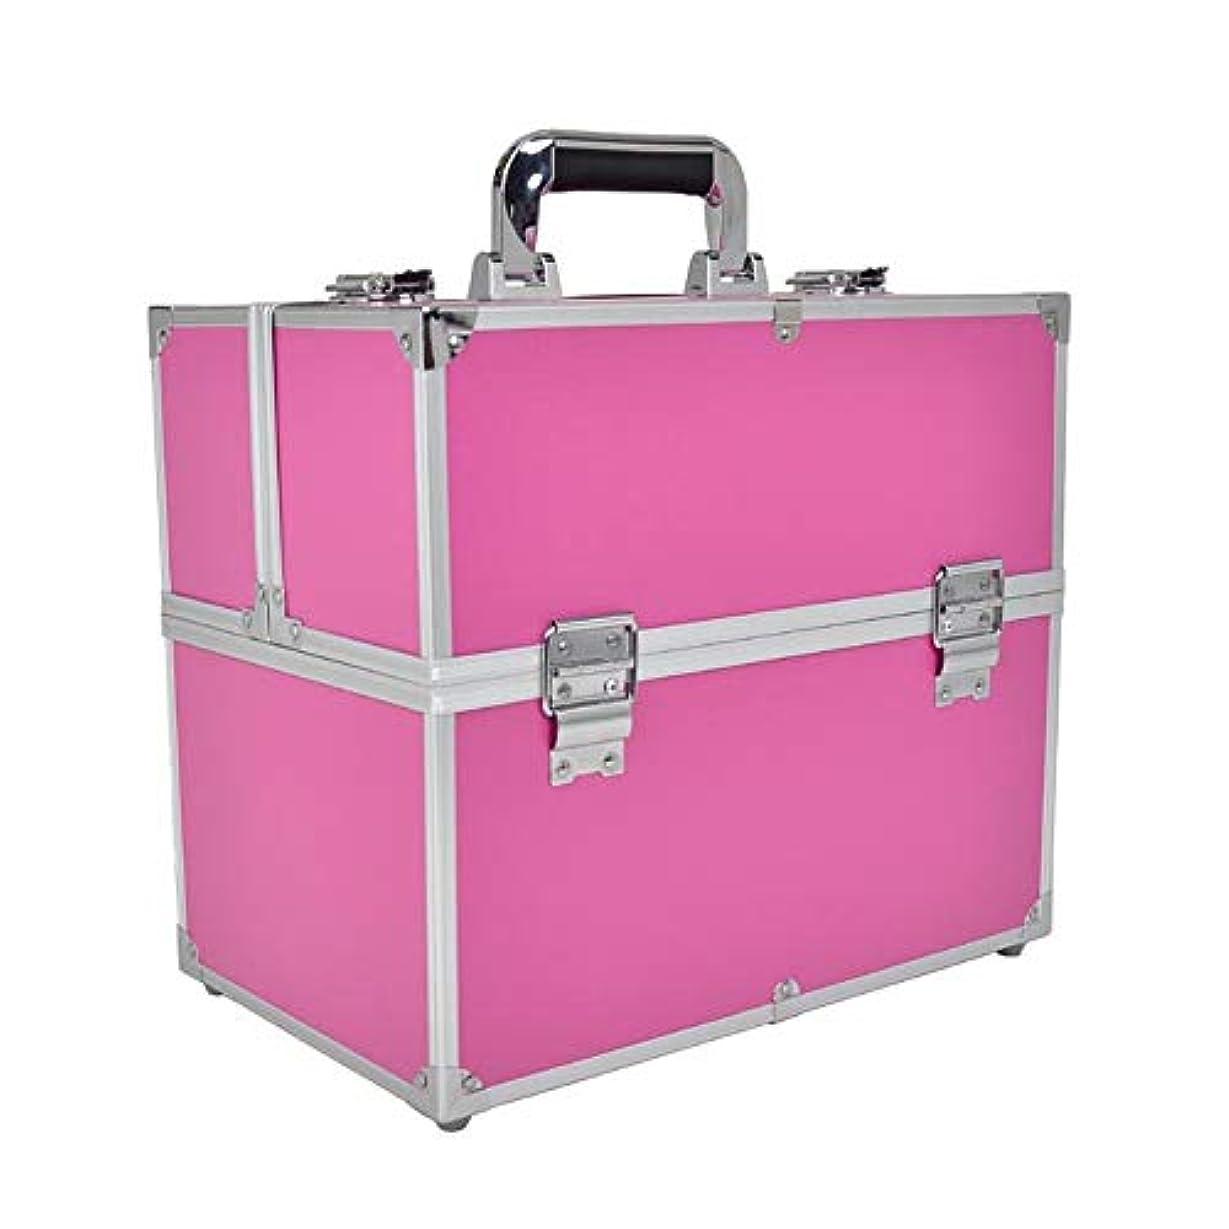 封建磁石クスコ化粧オーガナイザーバッグ 6トレイの小さなものの種類のための旅行のための美容メイクアップのための大容量大容量化粧品ケース 化粧品ケース